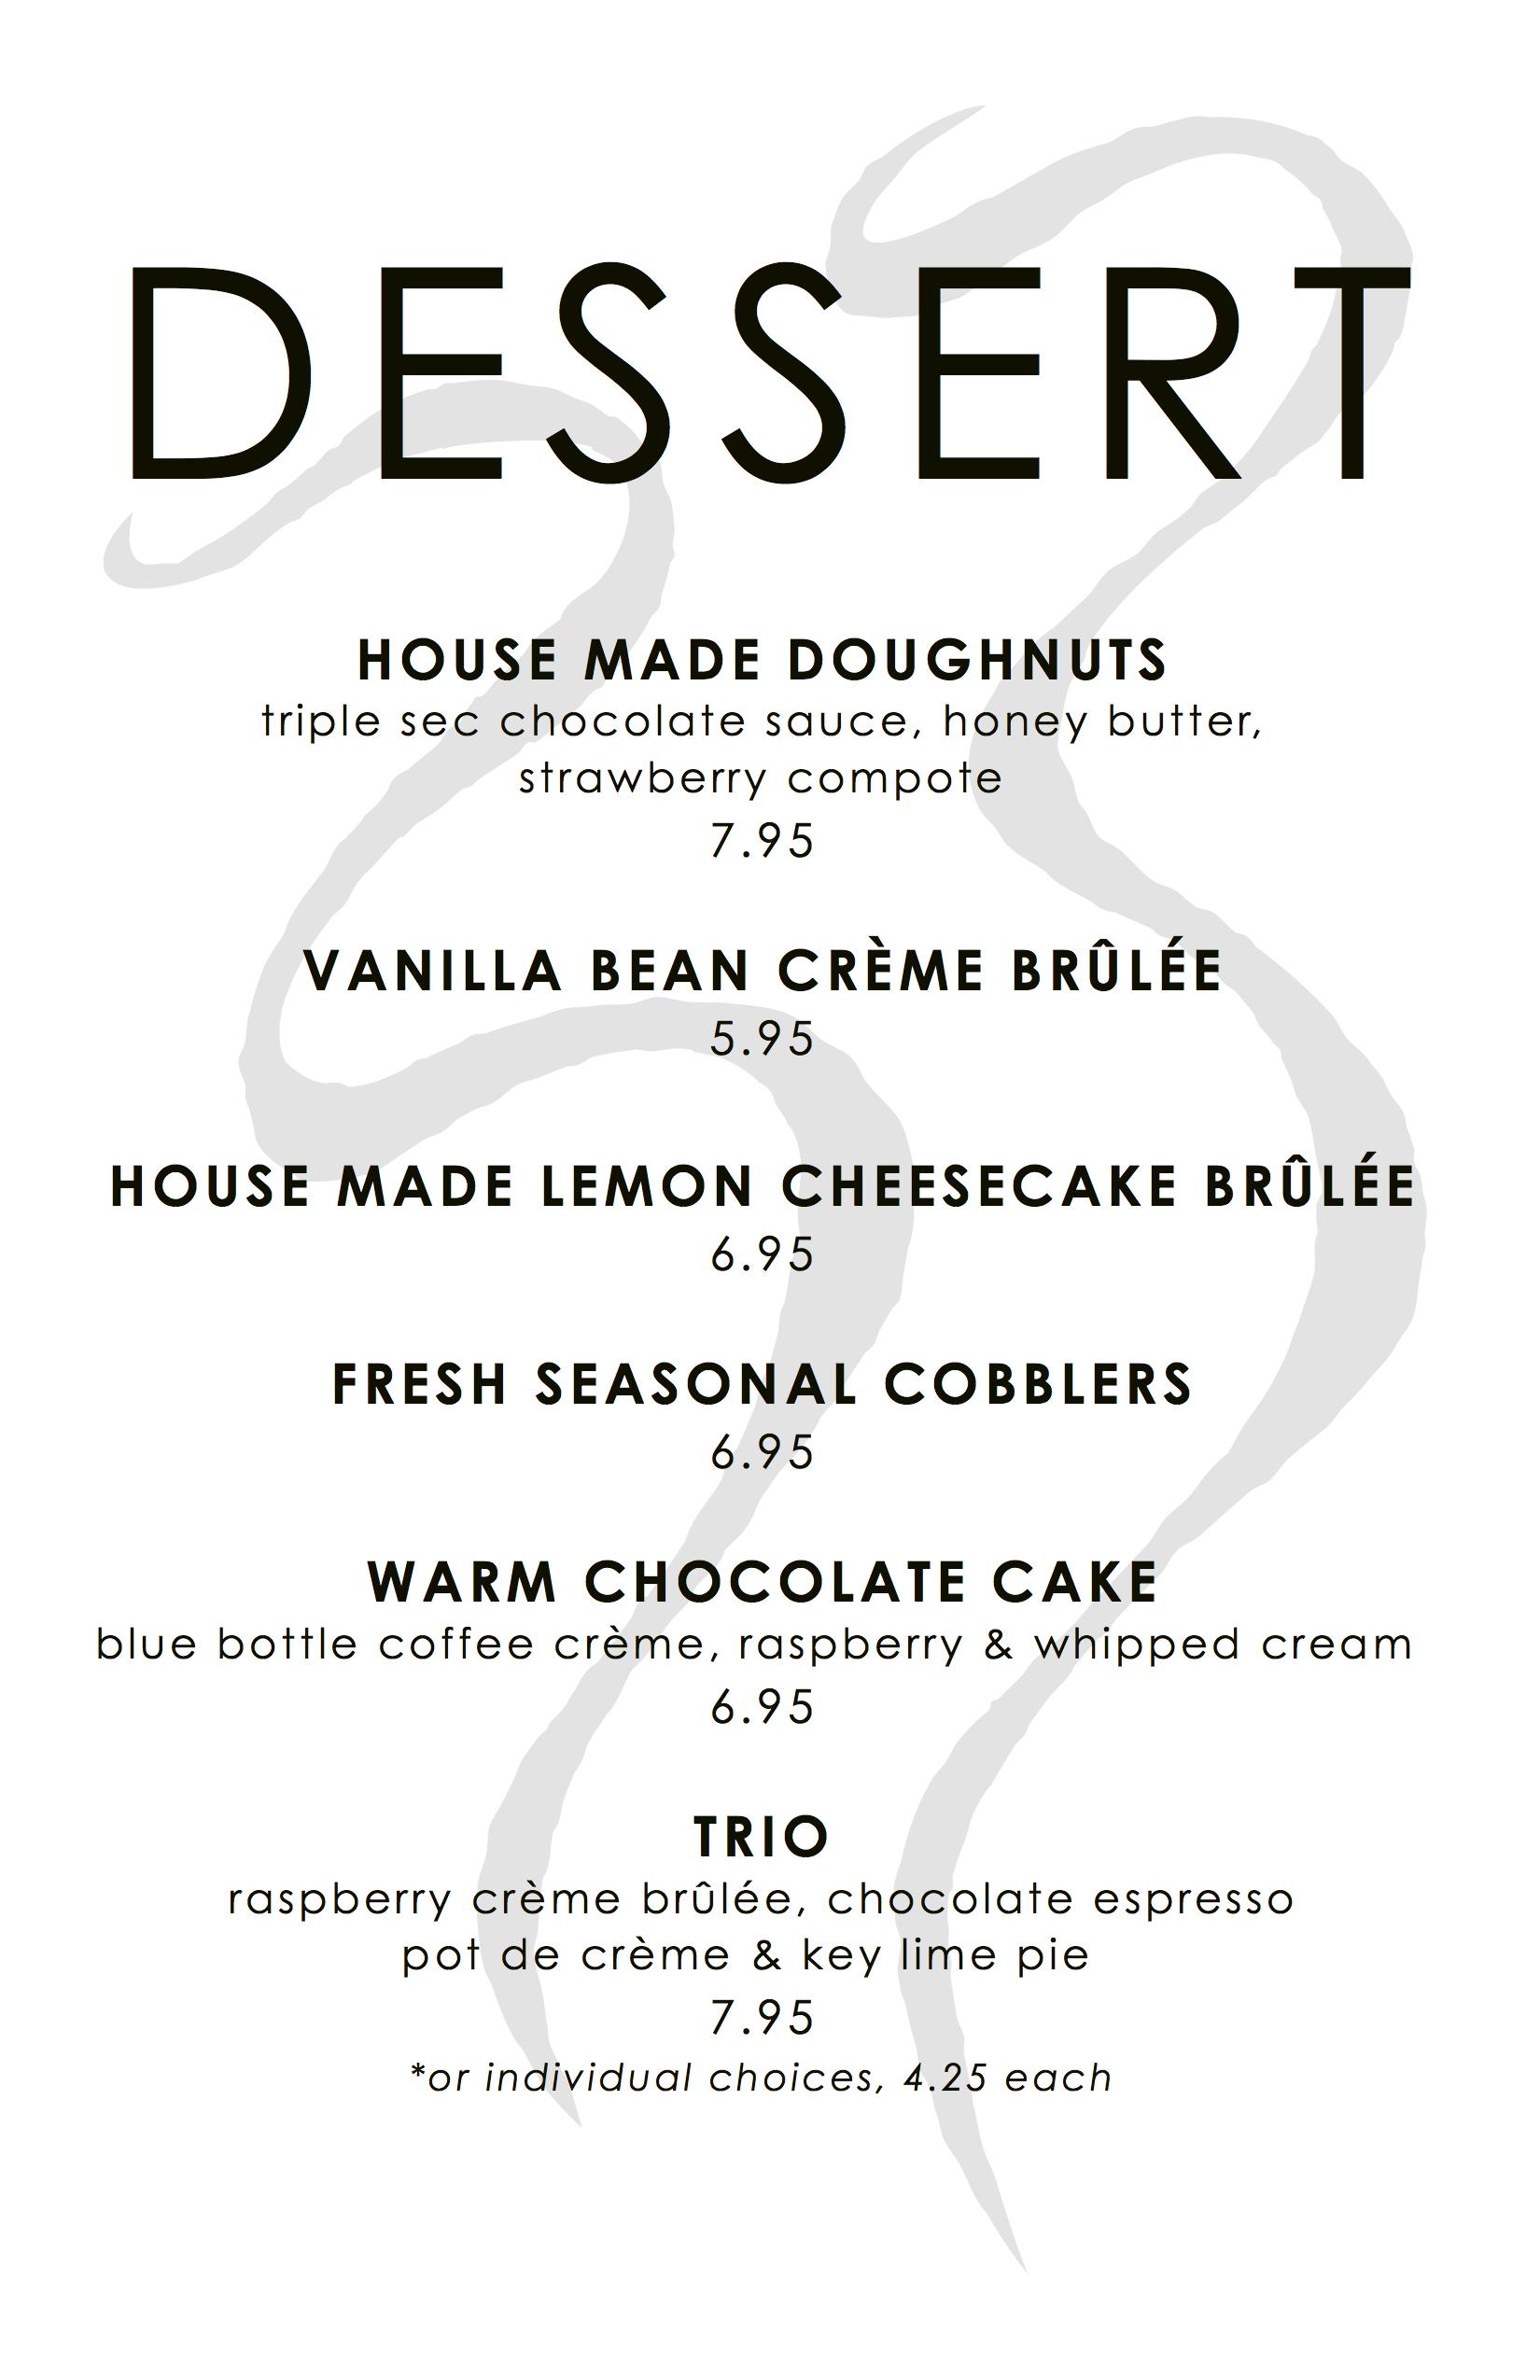 Davis_Dessert-MARCH19-1.jpg